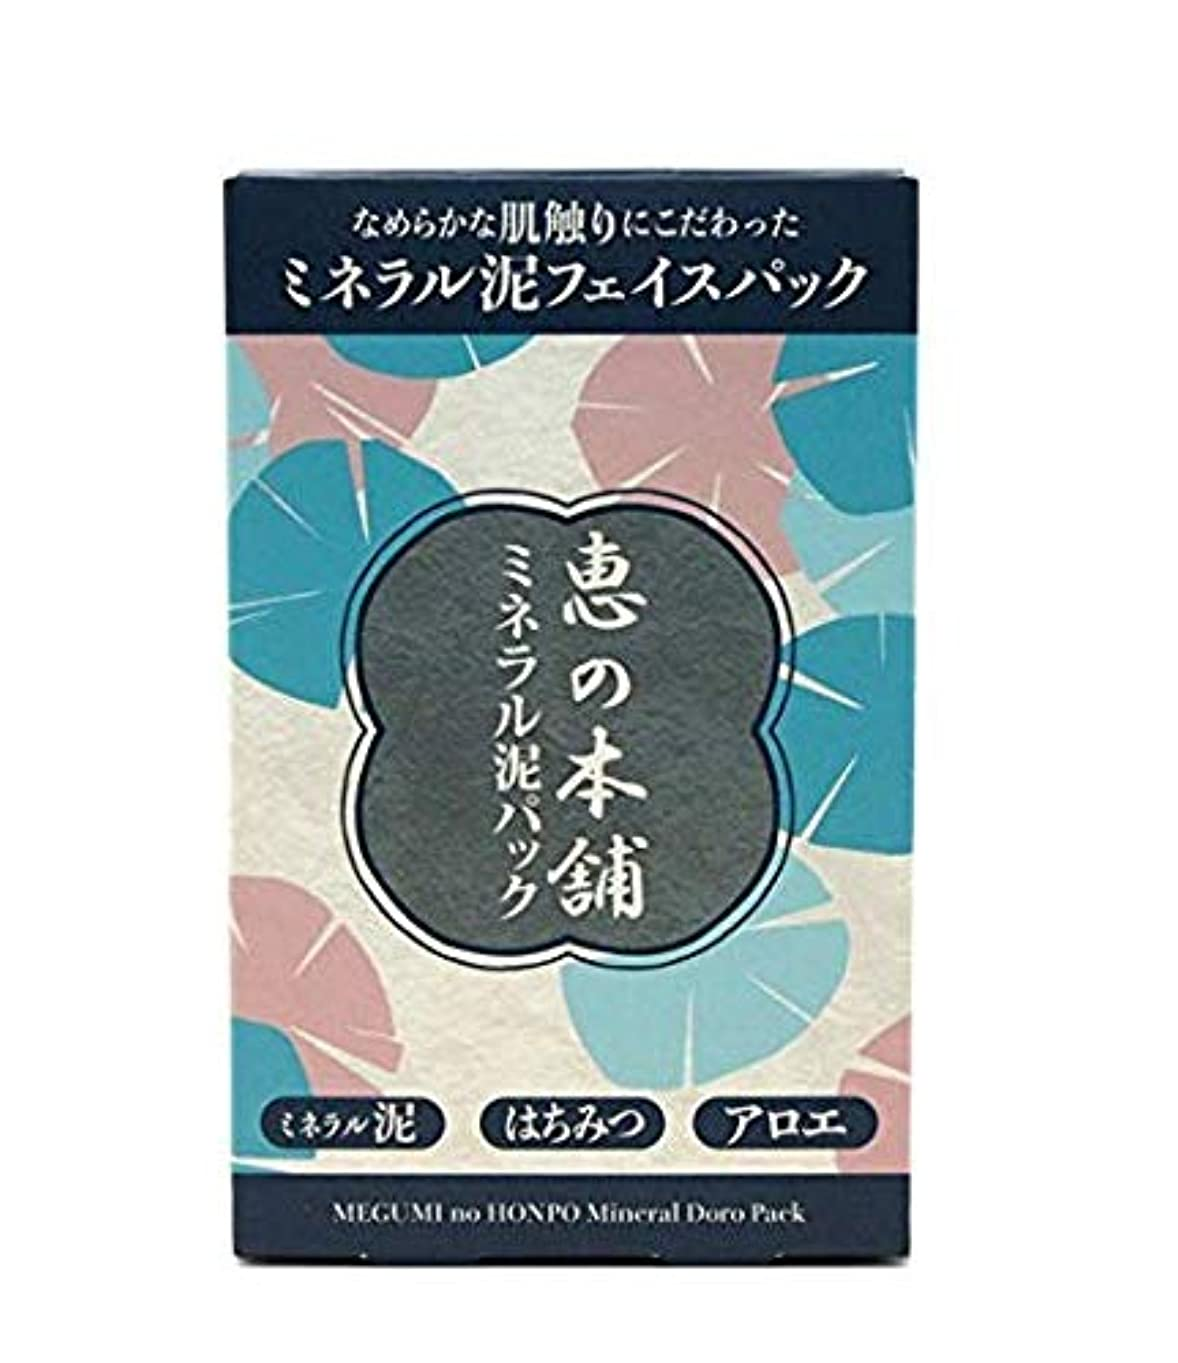 選ぶ小道組み合わせ【2個セット】恵の本舗 ミネラル泥パック 100g